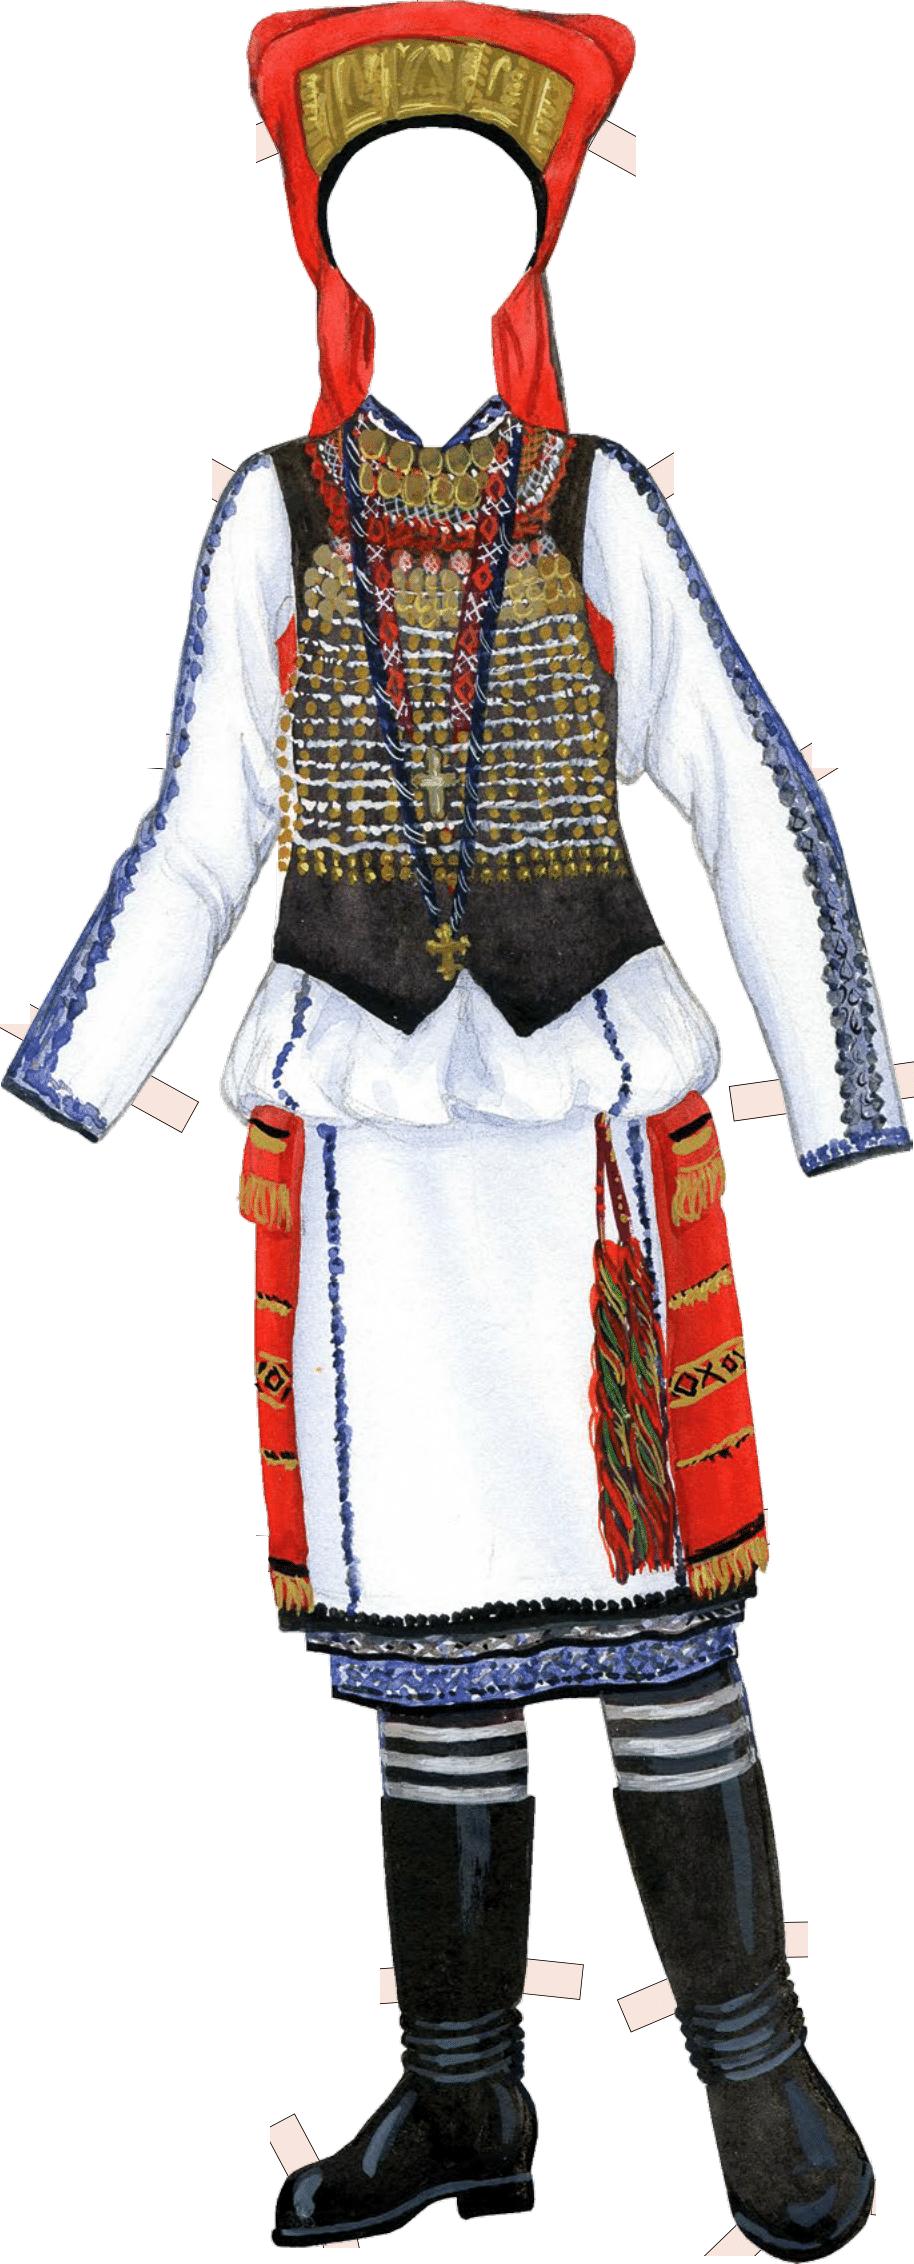 Праздничный костюм невесты-мокшанки. Начало ХХ в. Тамбовская губерния, Спасский уезд.